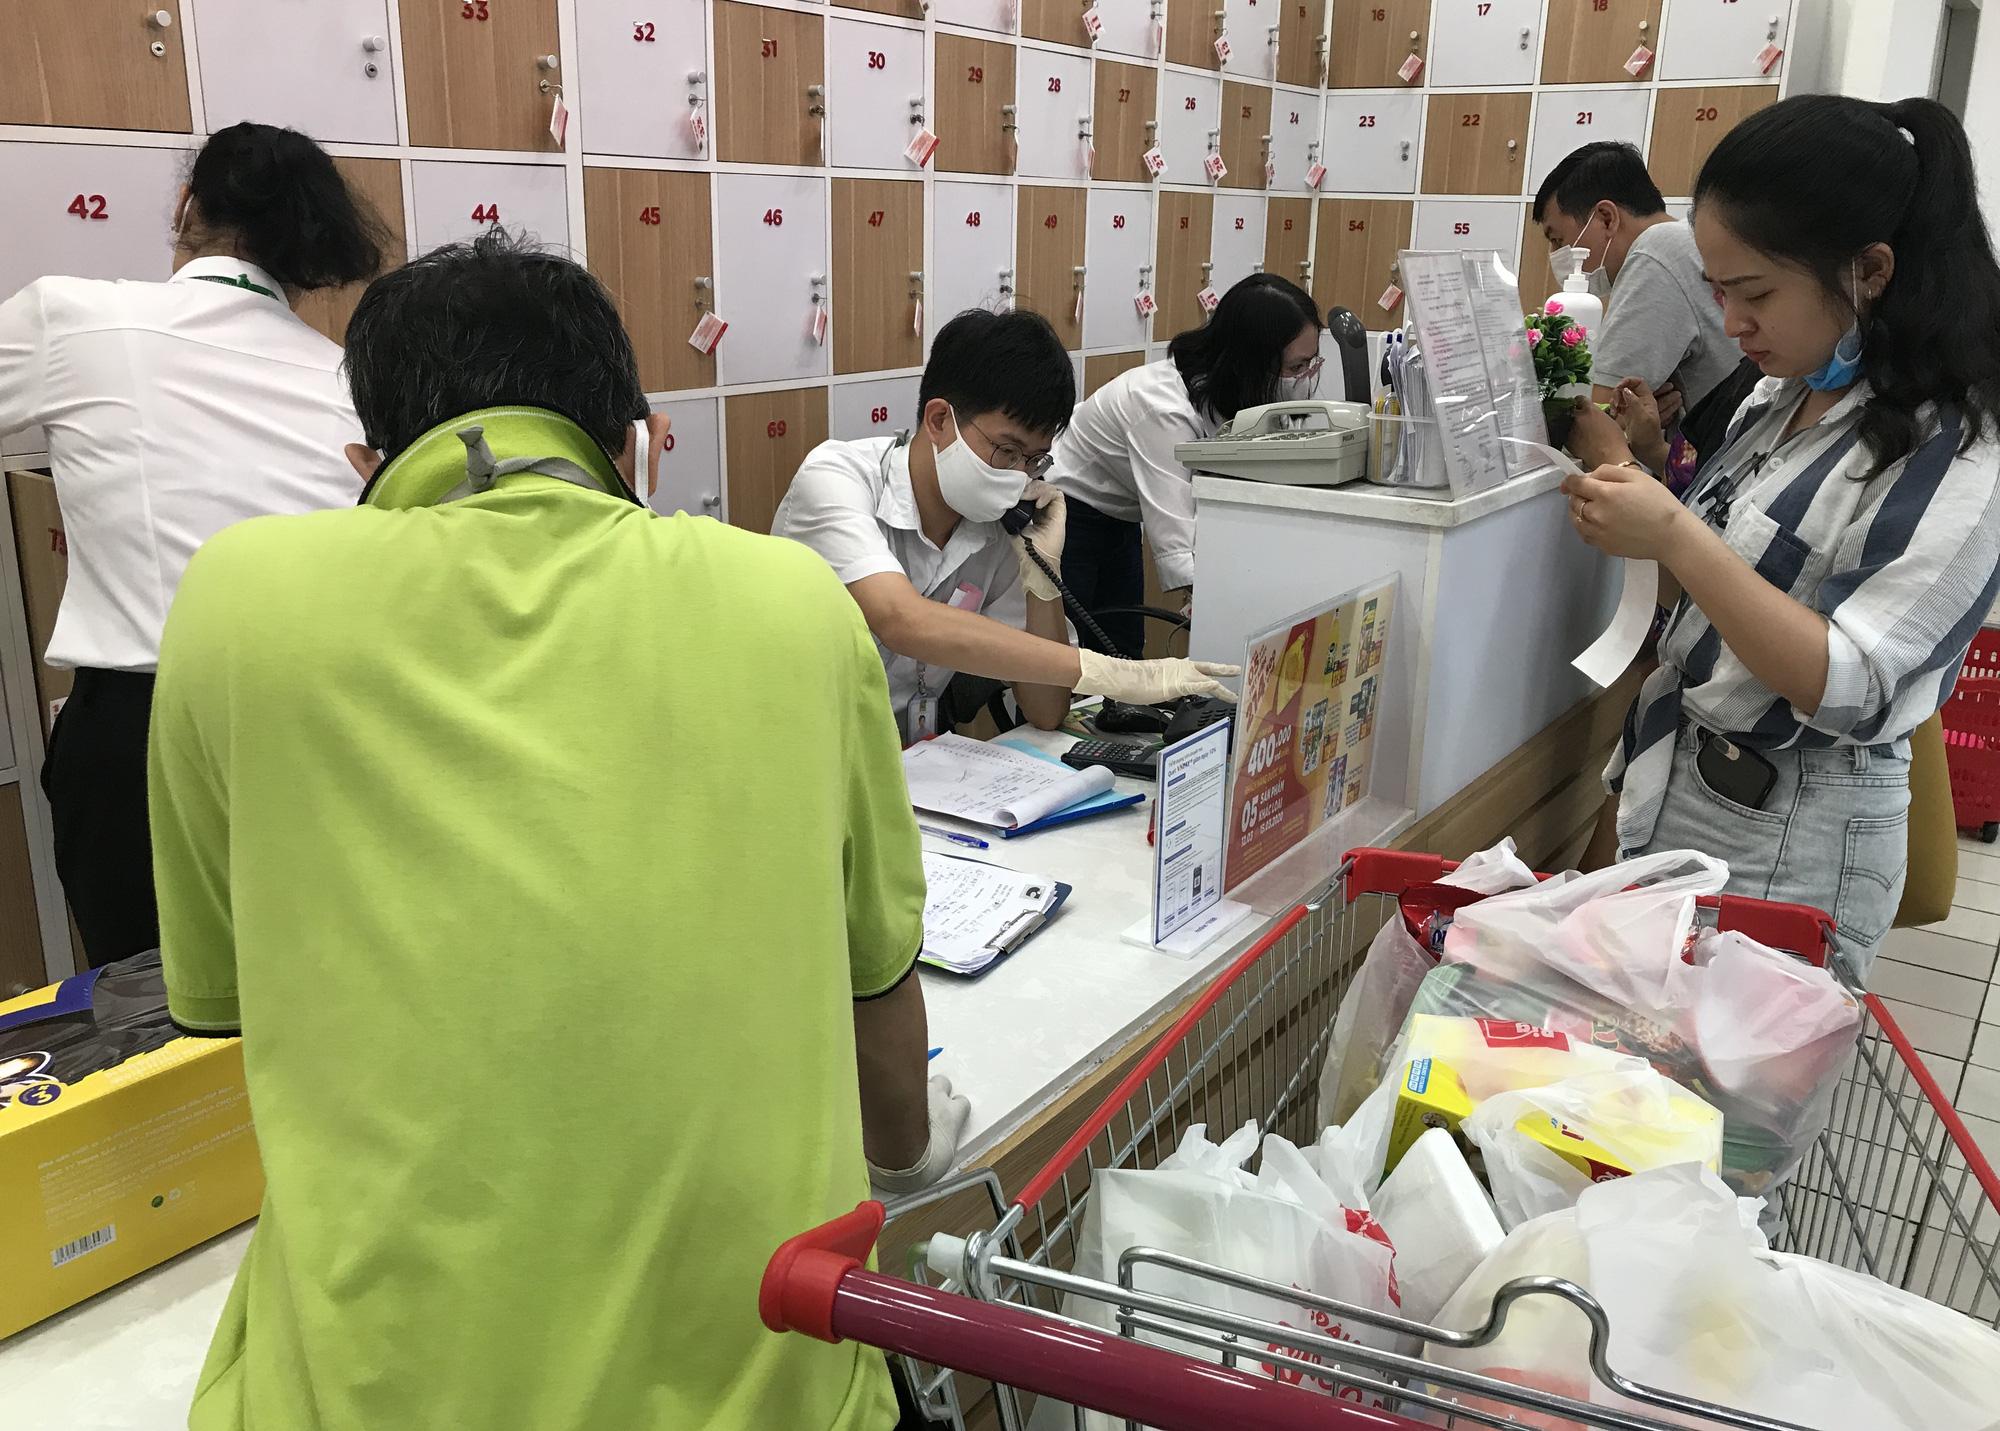 Giữa dịch Covid-19, siêu thị điện máy bán luôn mì gói, gạo, đường, dầu ăn, bột ngọt - Ảnh 3.